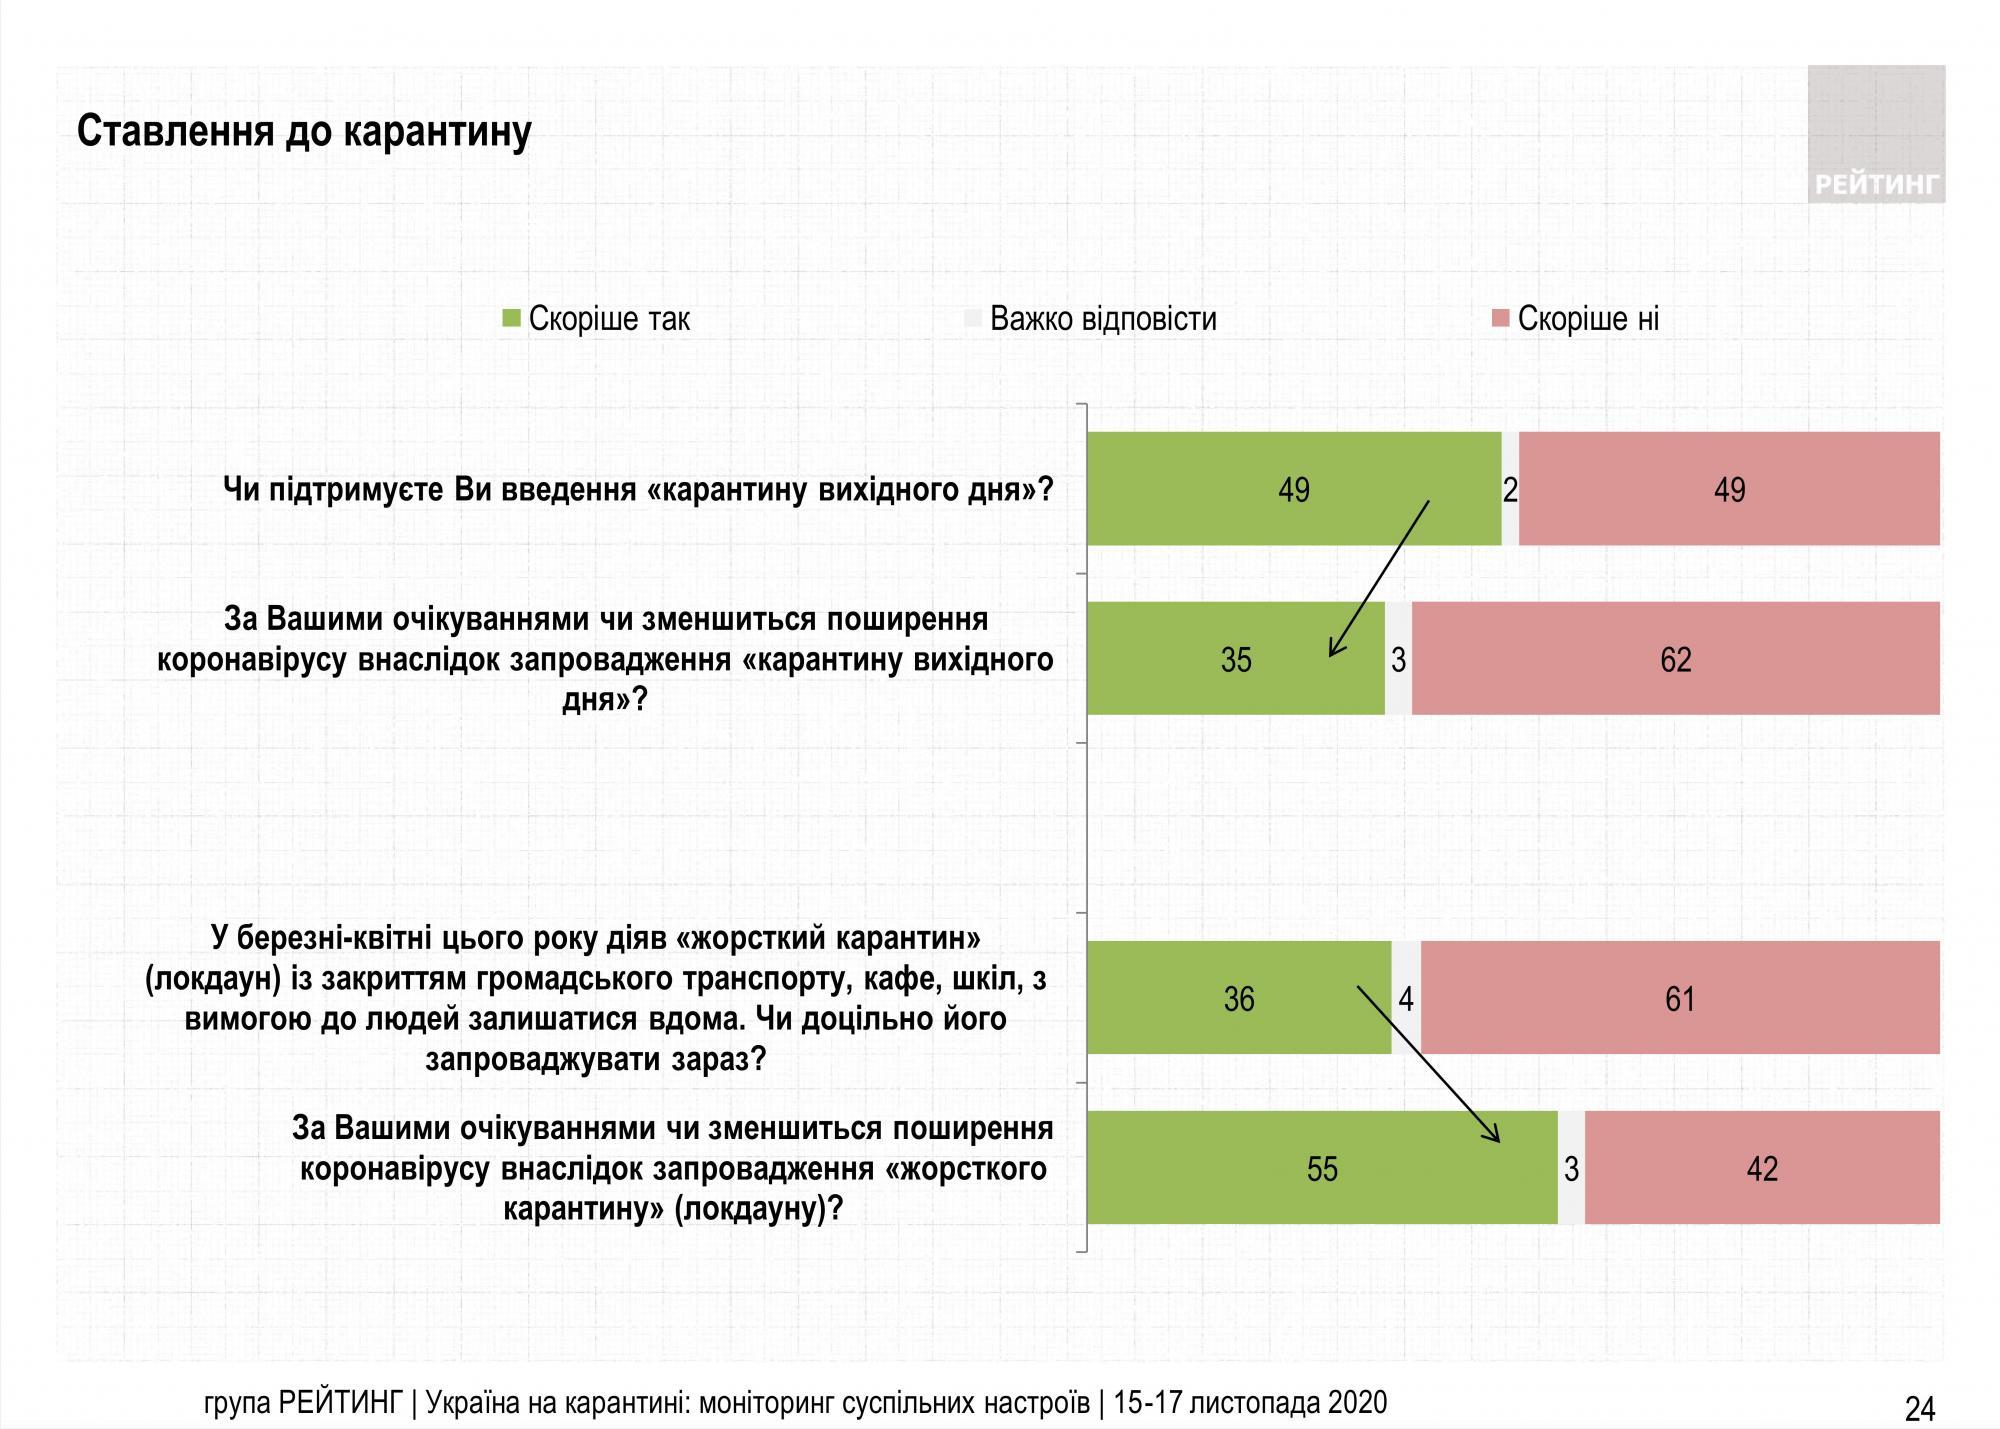 Половина украинцев против карантина выходного дня